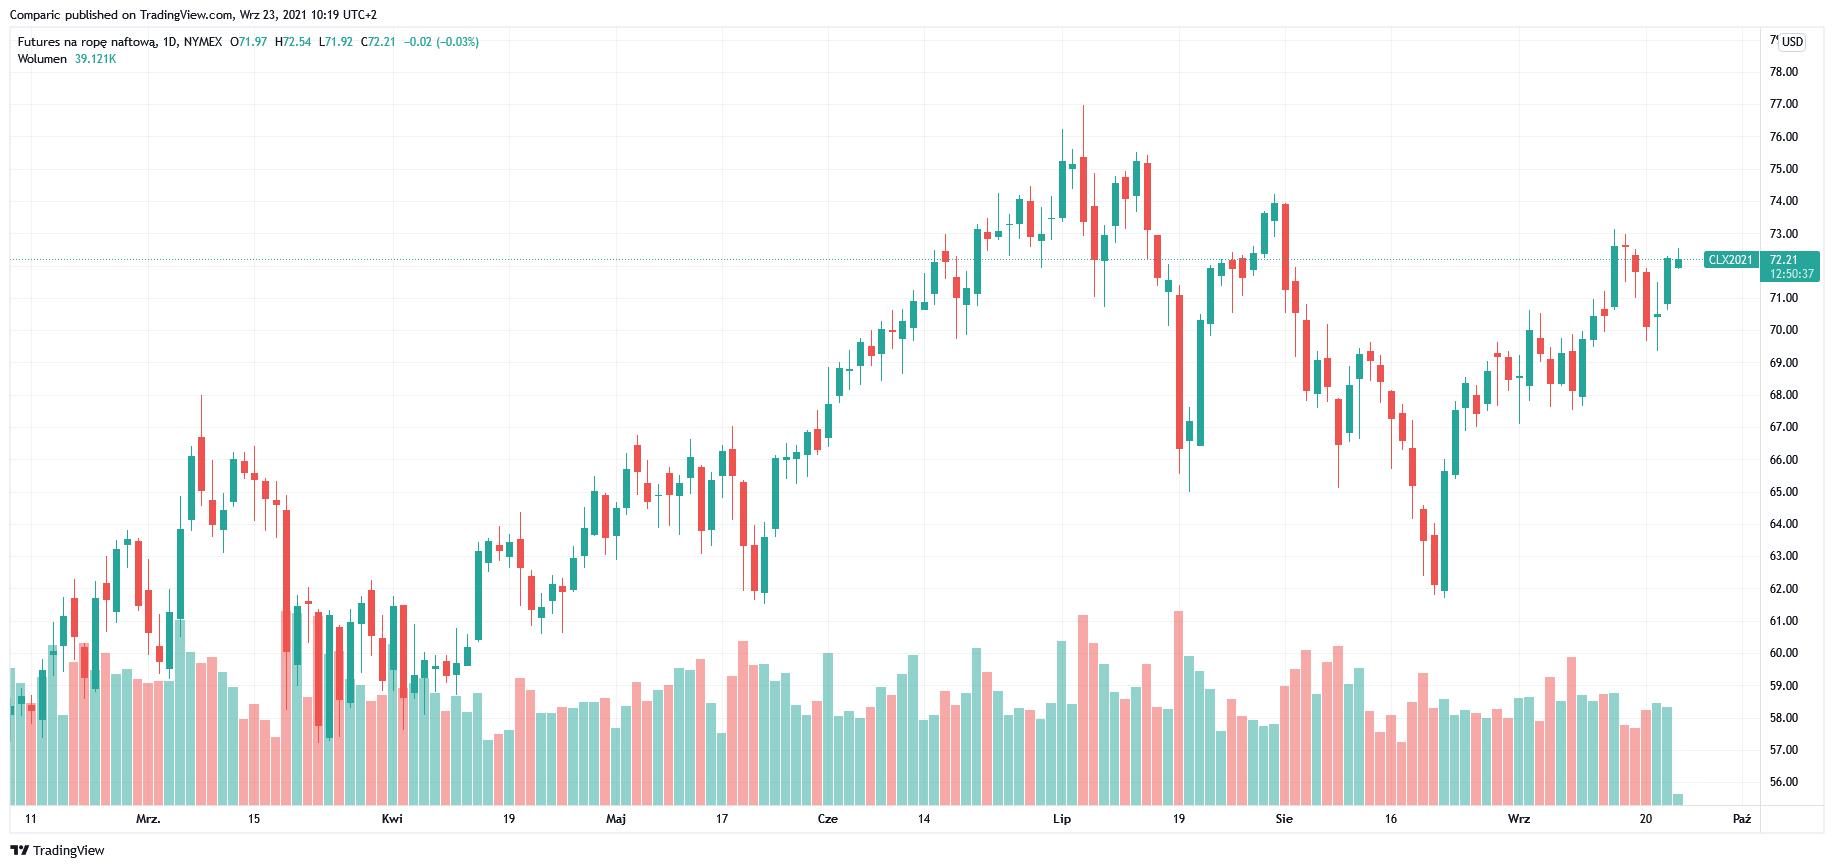 Cena ropy WTI w górę w czwartek. Poziom rezerw w USA najniższy od 3 lat